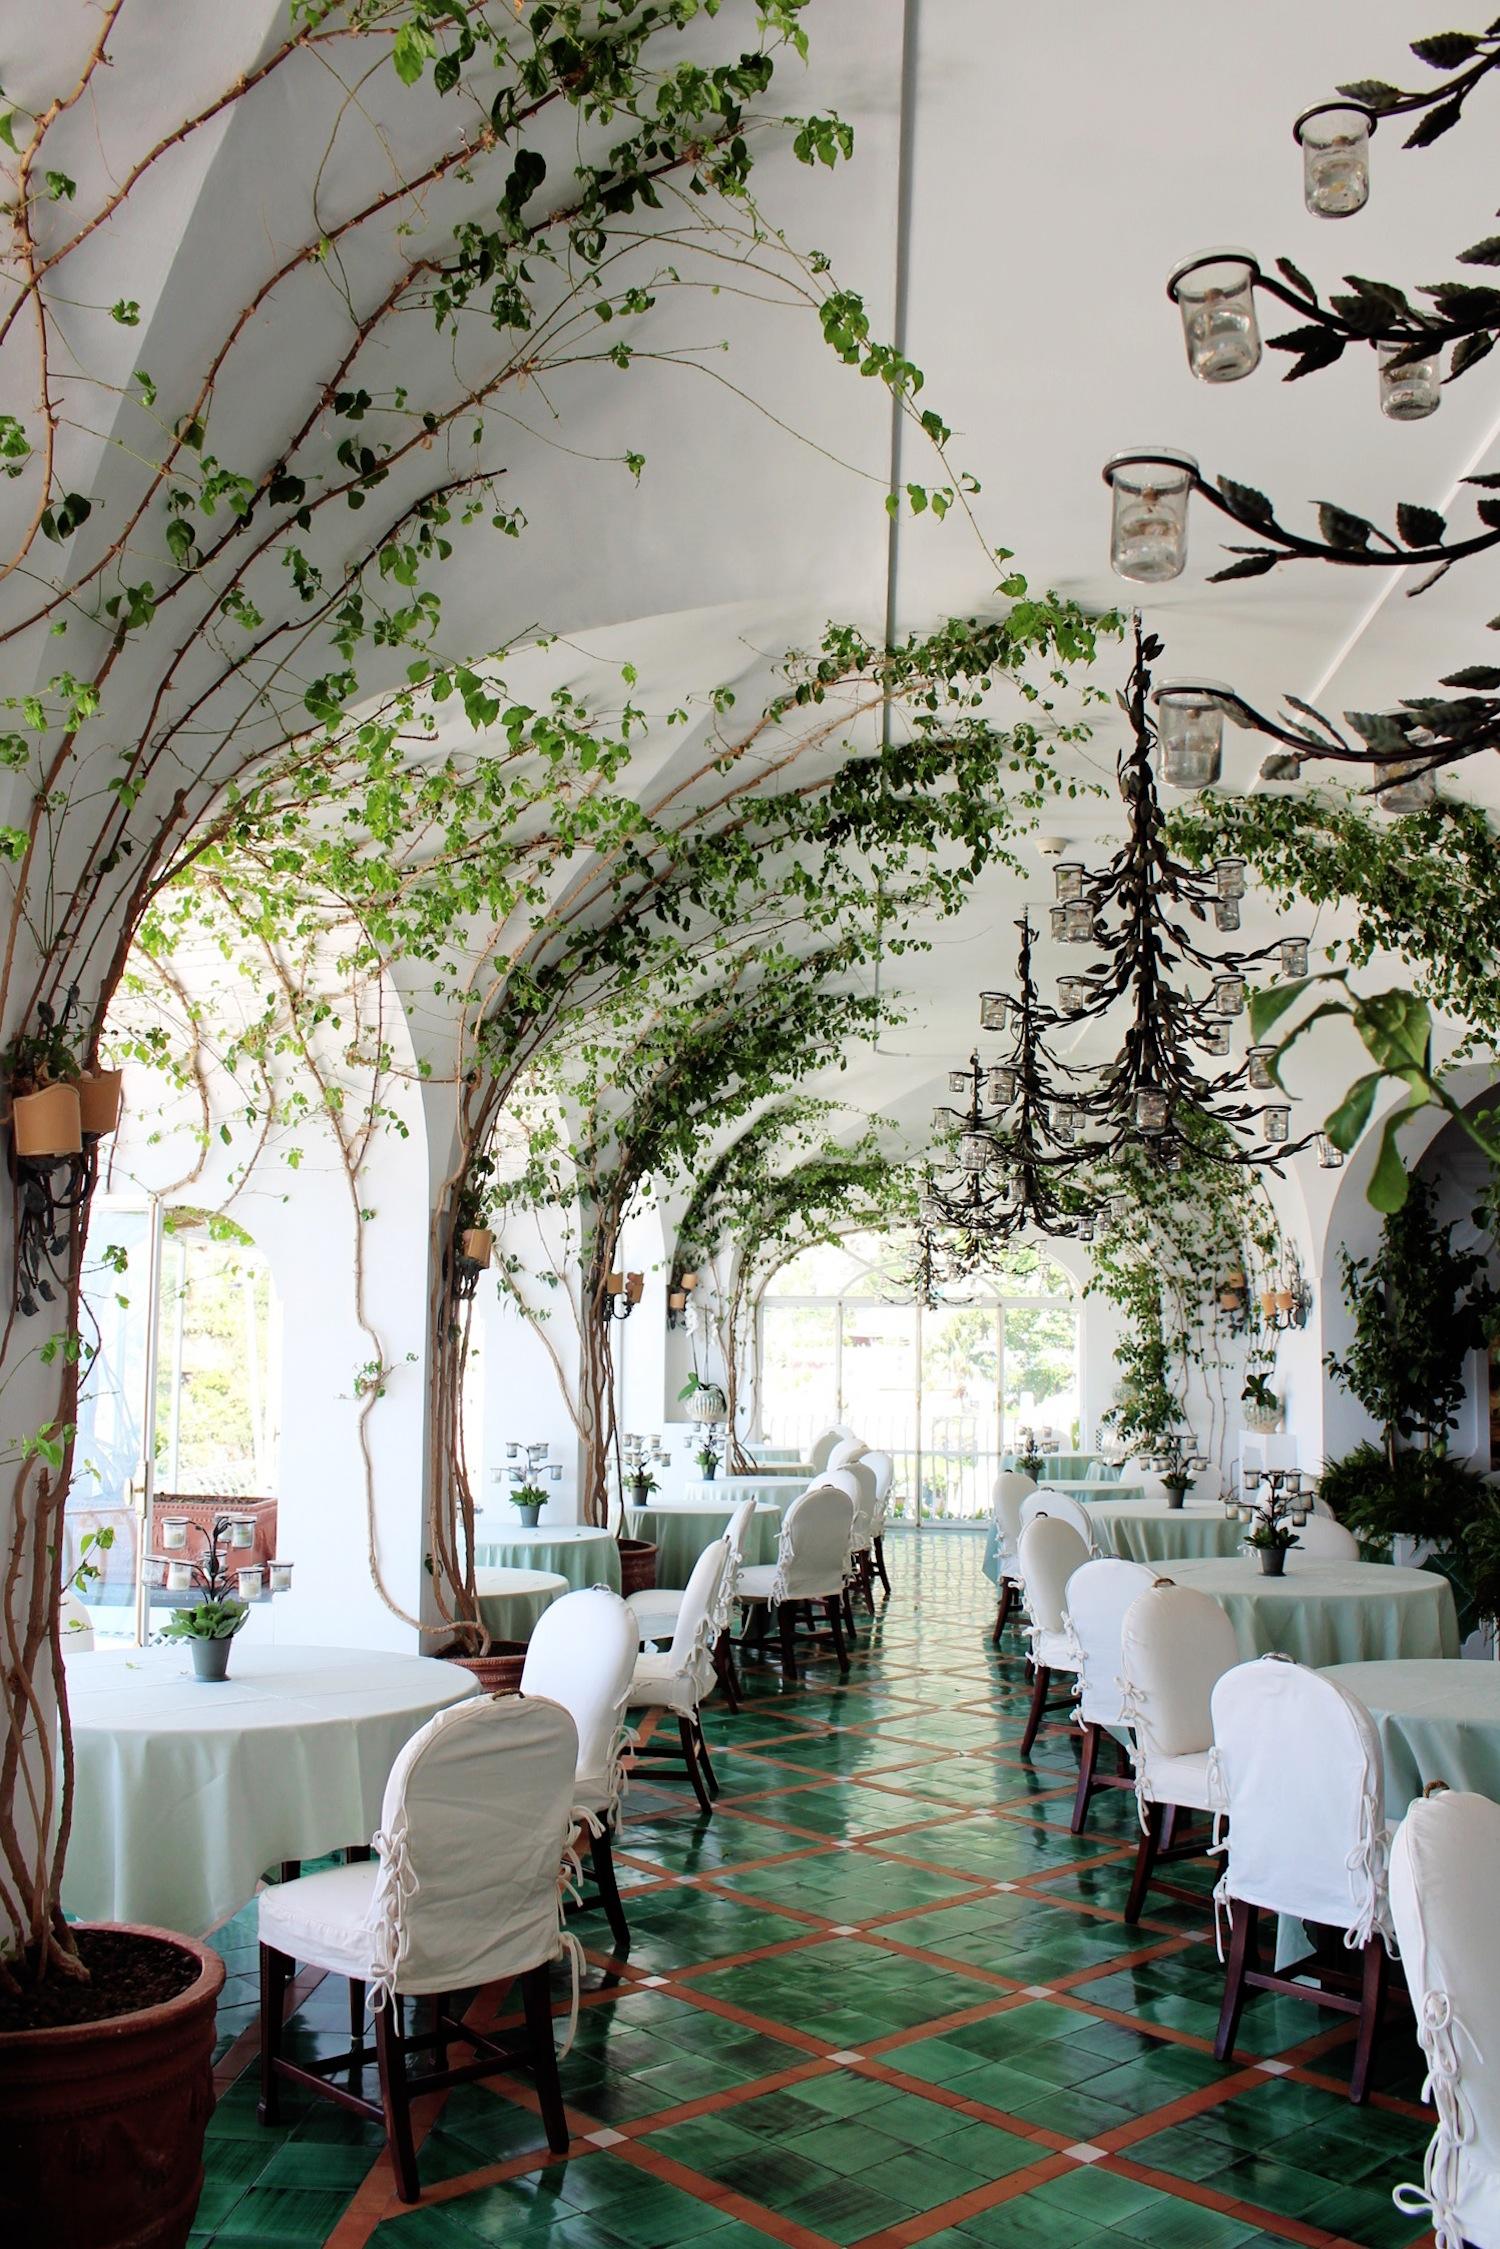 Le fil vert en décoration d'intérieur || hôtel Sirenuse à Positano, Italie